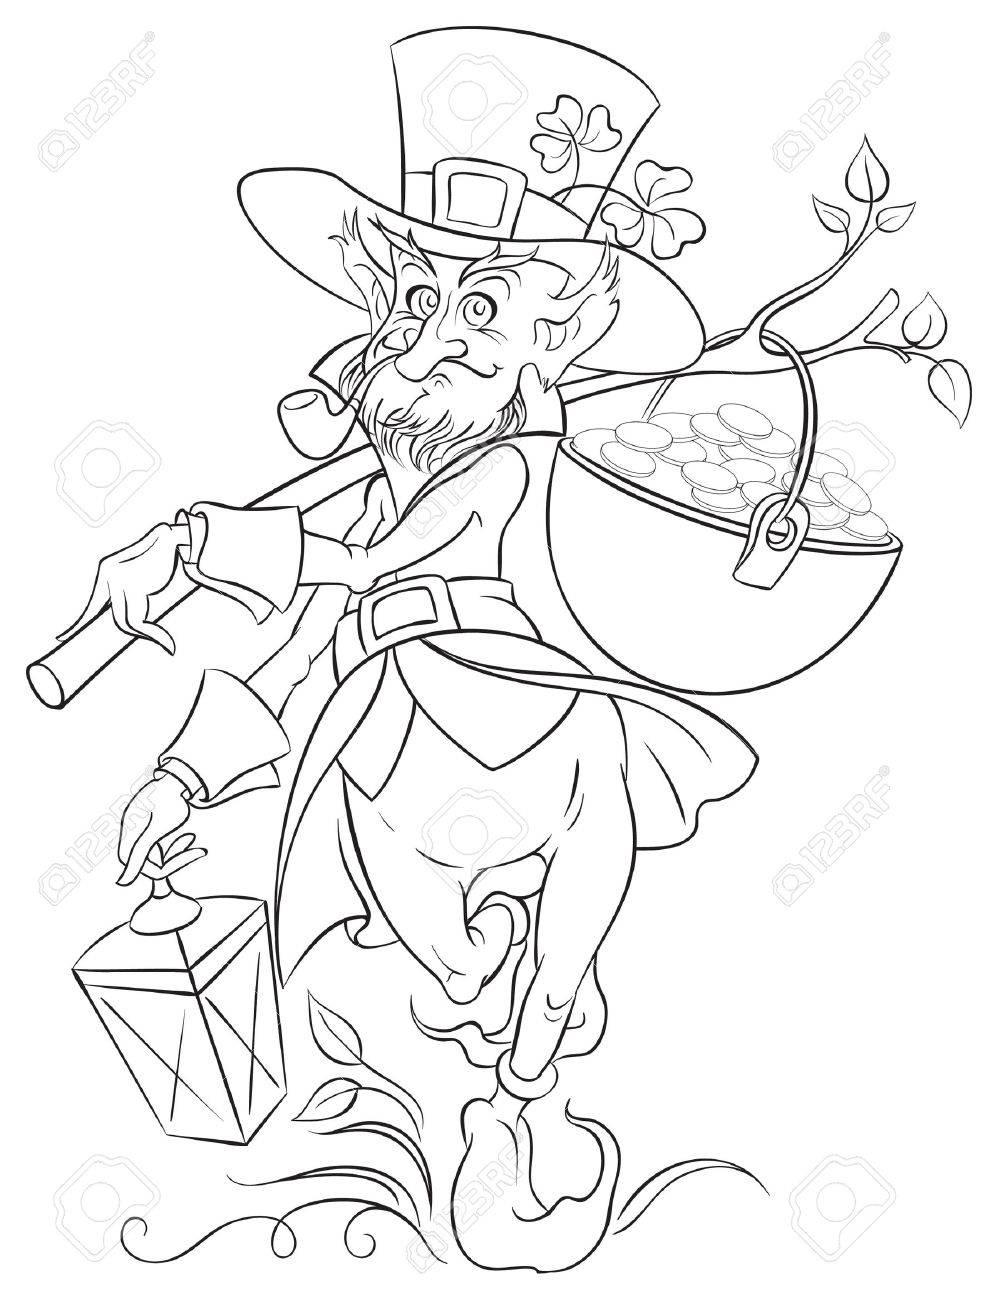 Leprechaun Con El Crisol De La Moneda De Oro Del Día De San Patricio ...